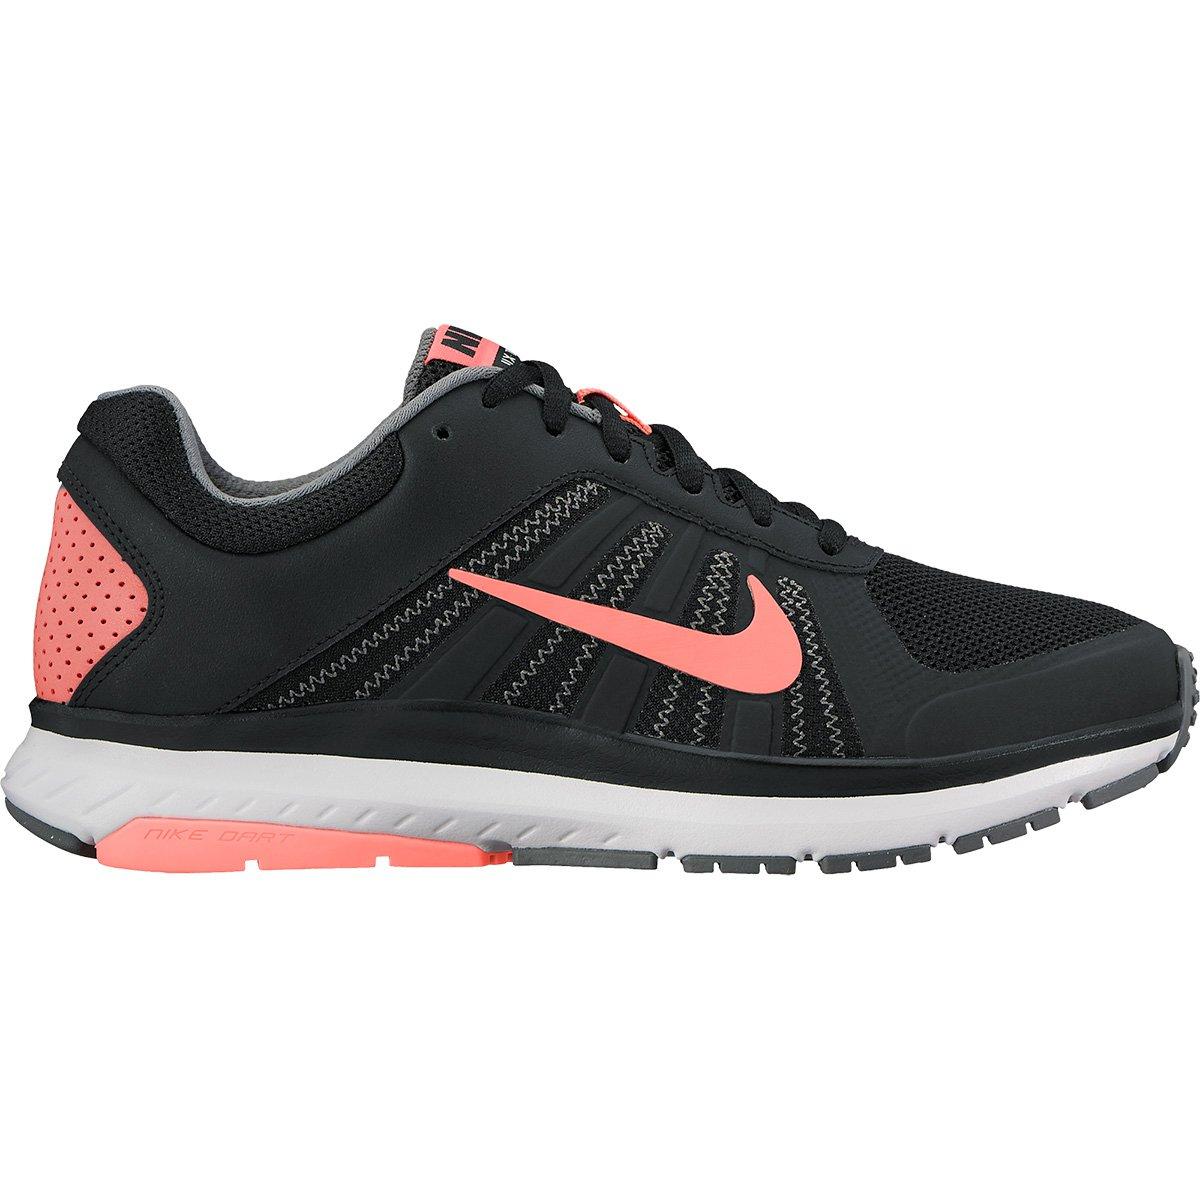 a2840d56ea1 Tênis Nike Dart 12 MSL Feminino - Preto e Salmão - Compre Agora ...